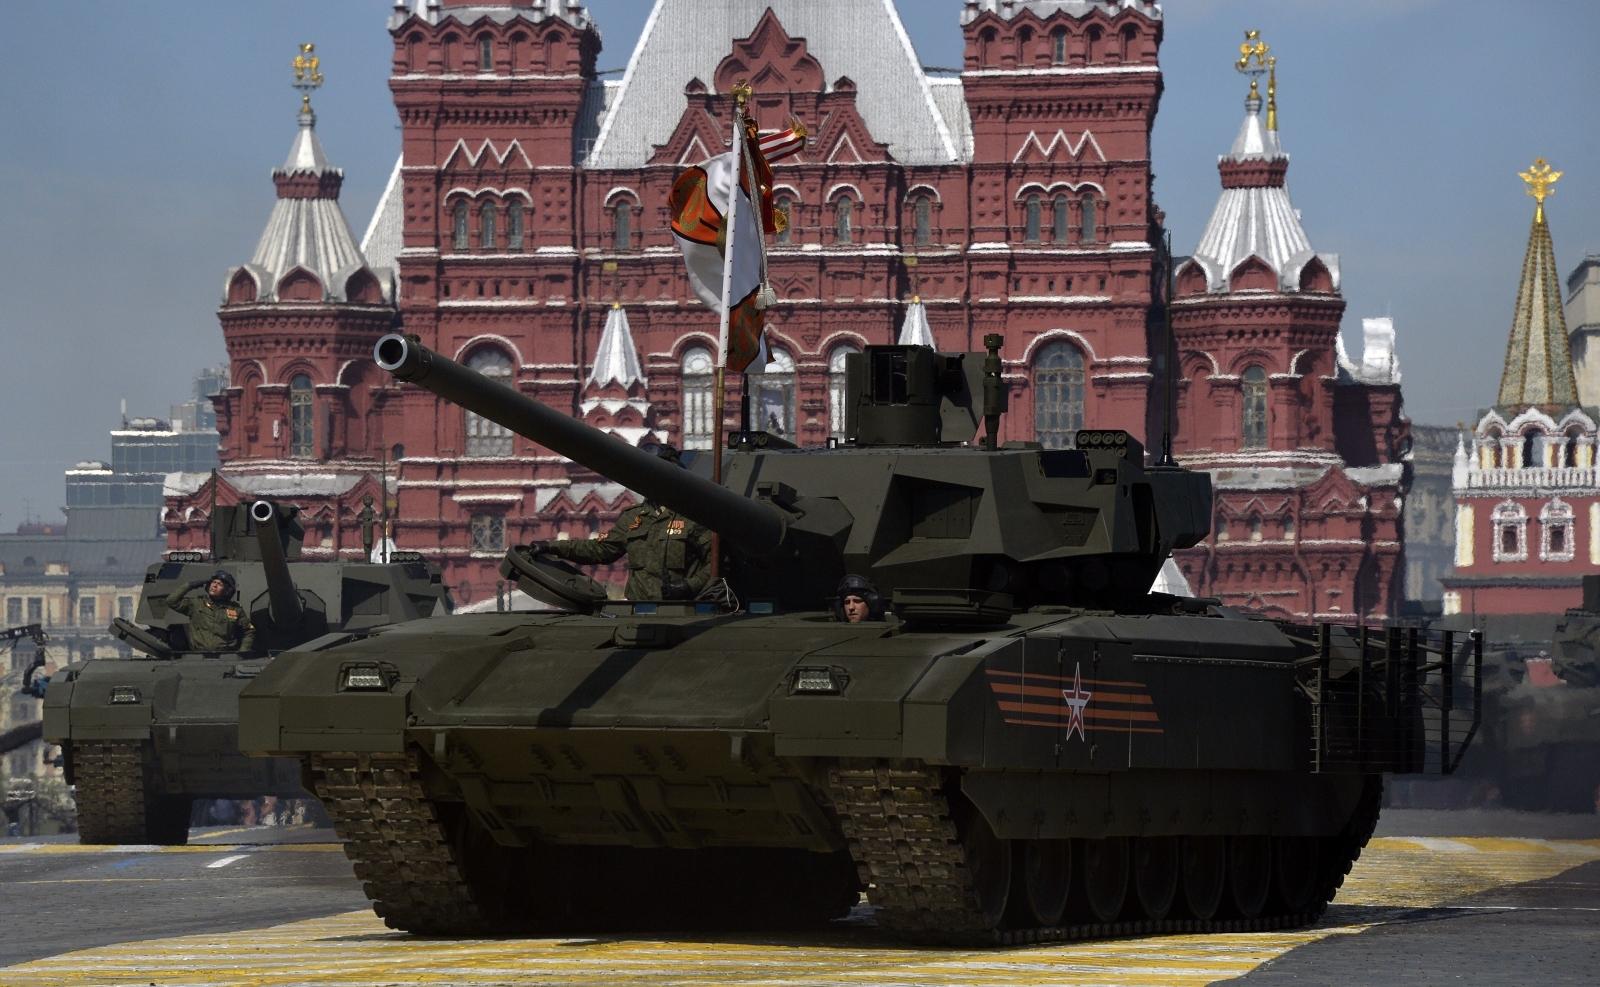 Russian T-14 Armata tank in Red Square